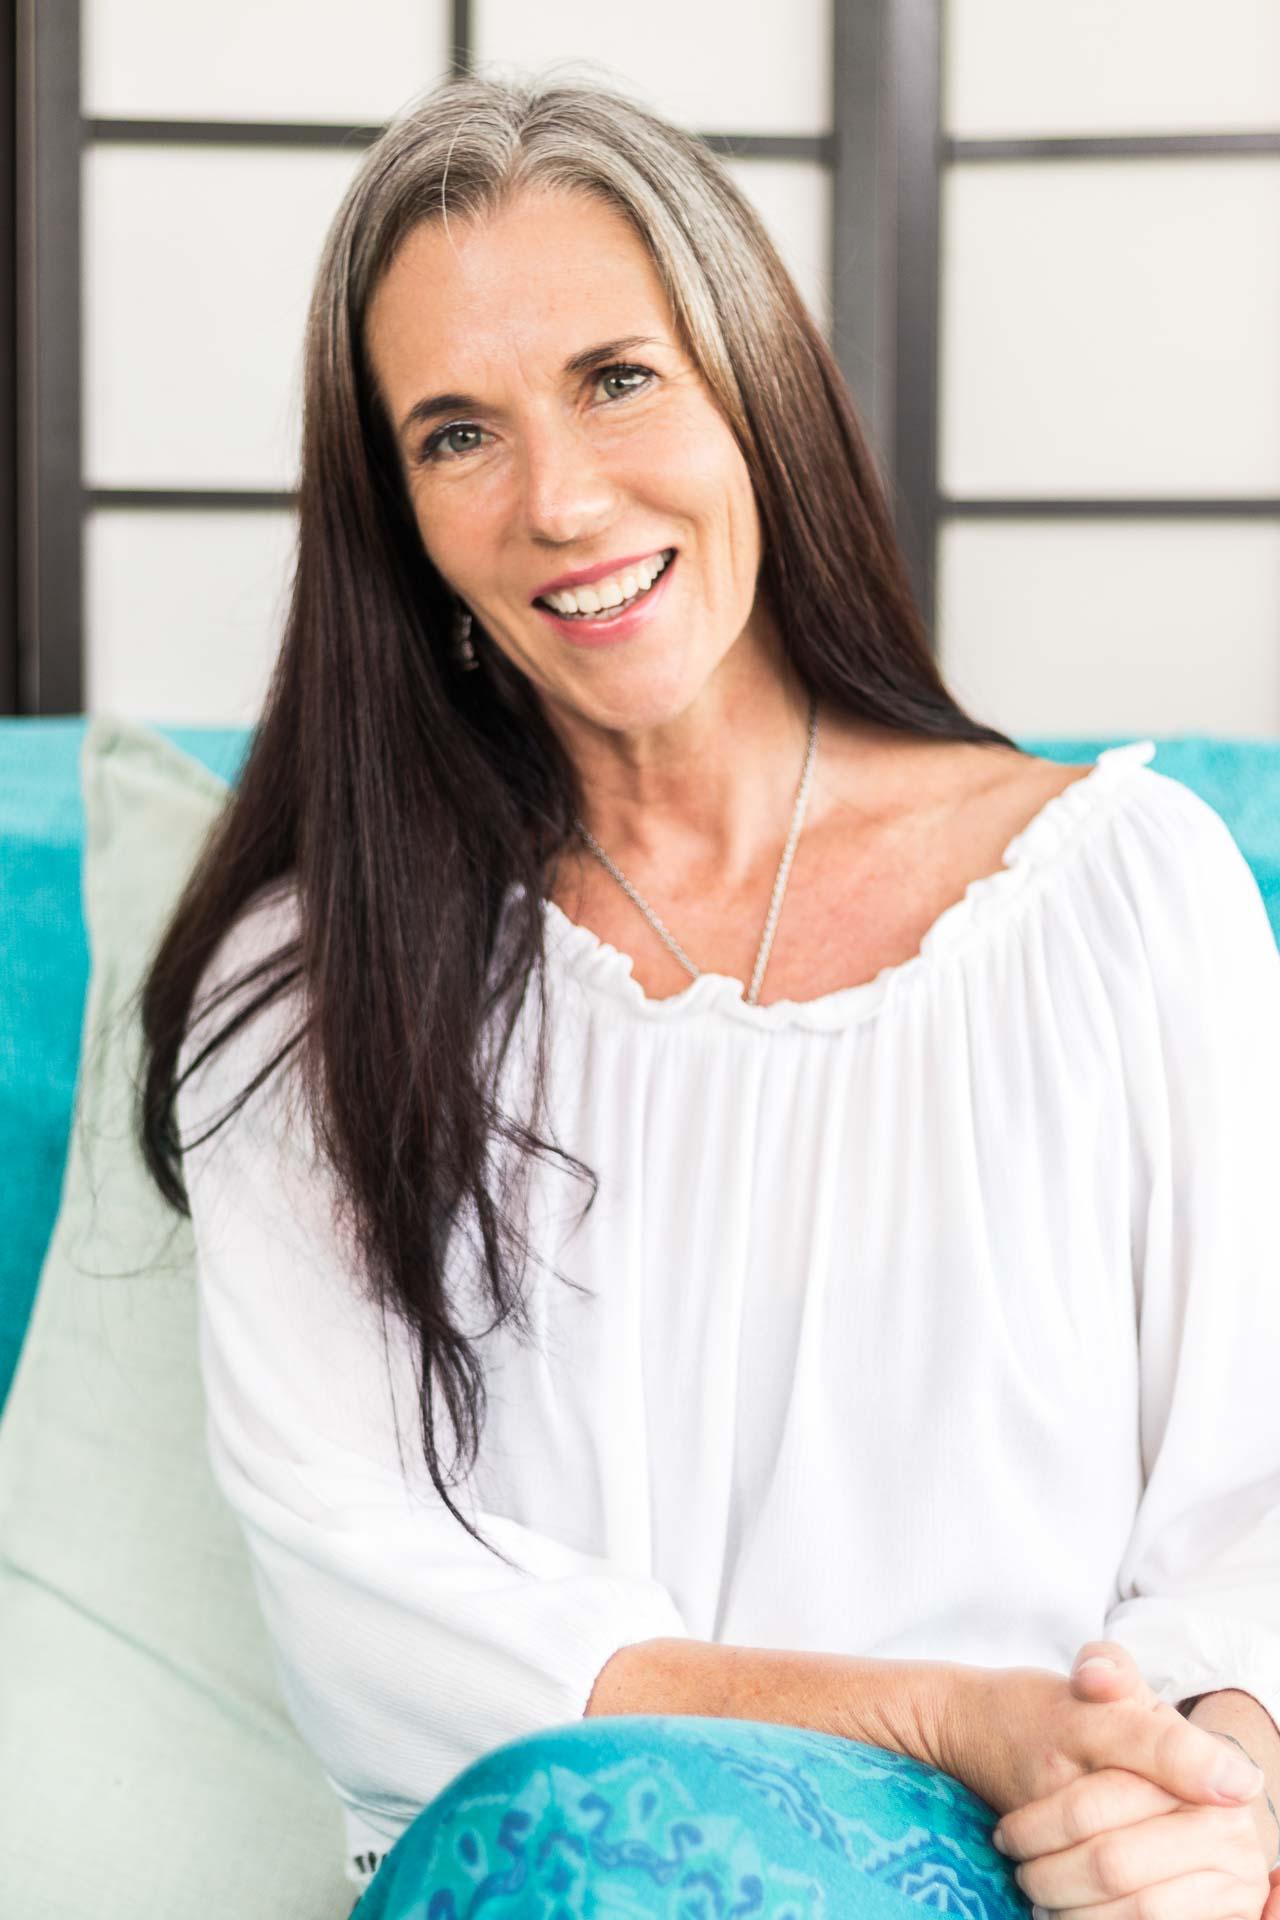 Transformational Life Coach - Celeste Du Toit